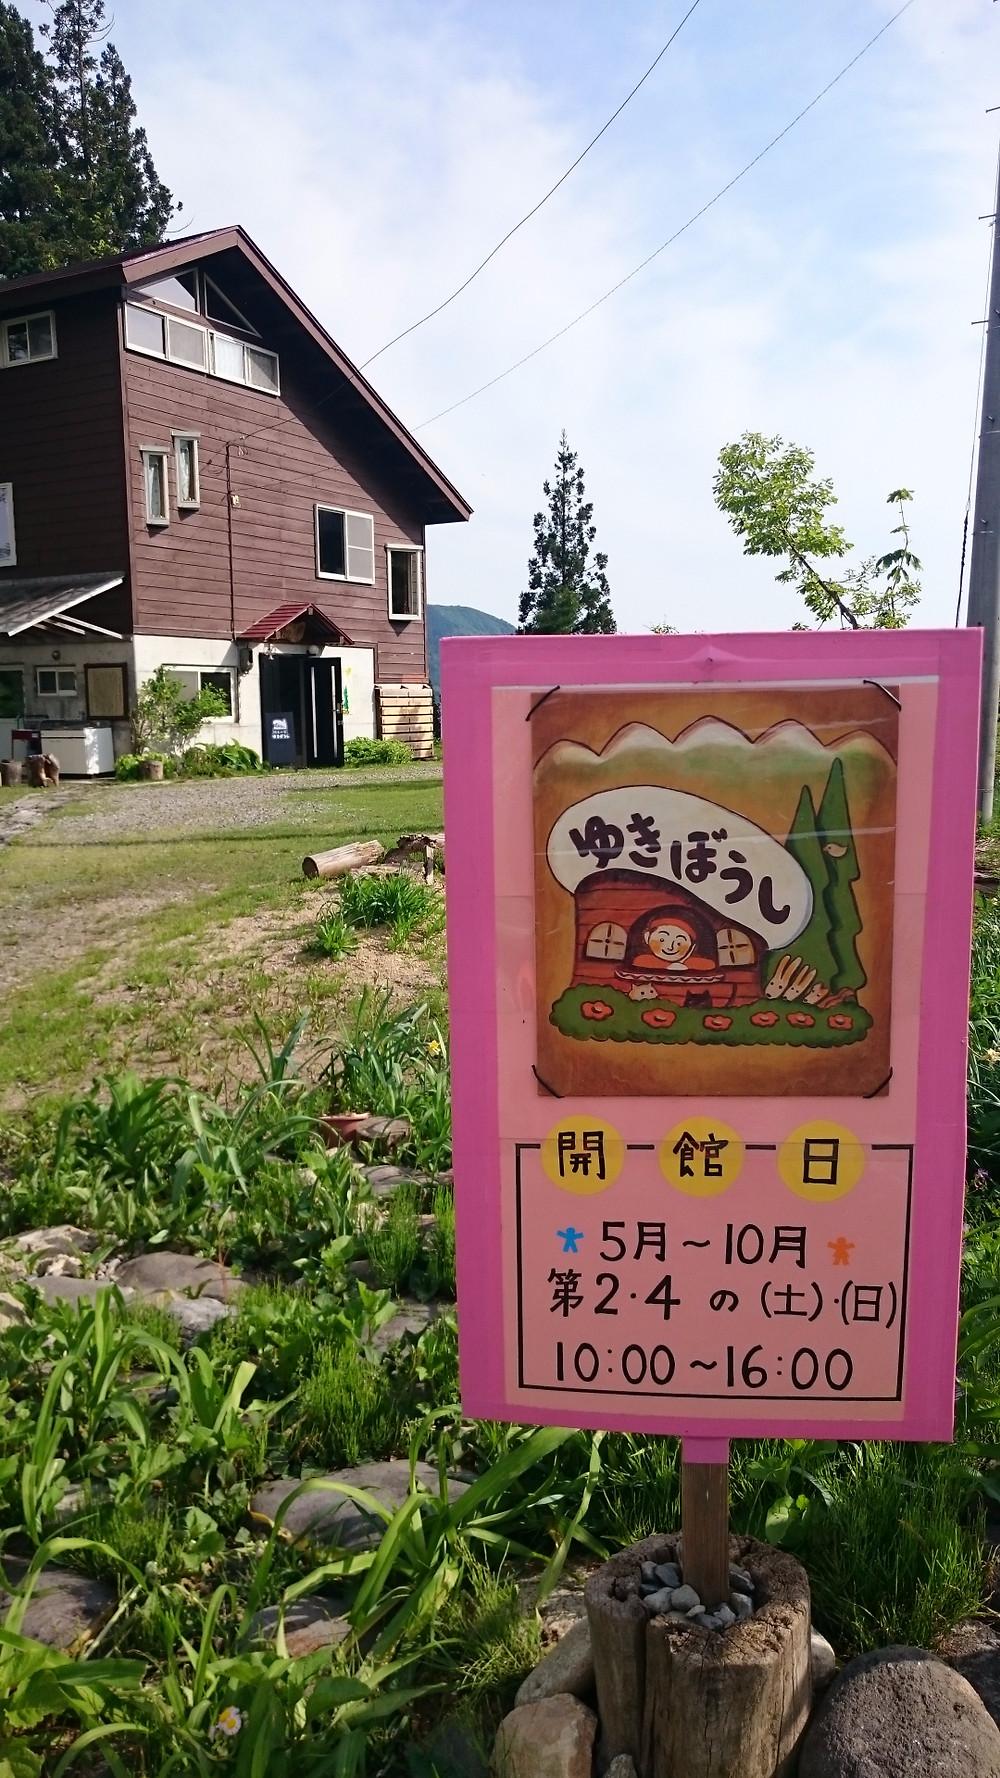 20150523開館の看板_edited.JPG